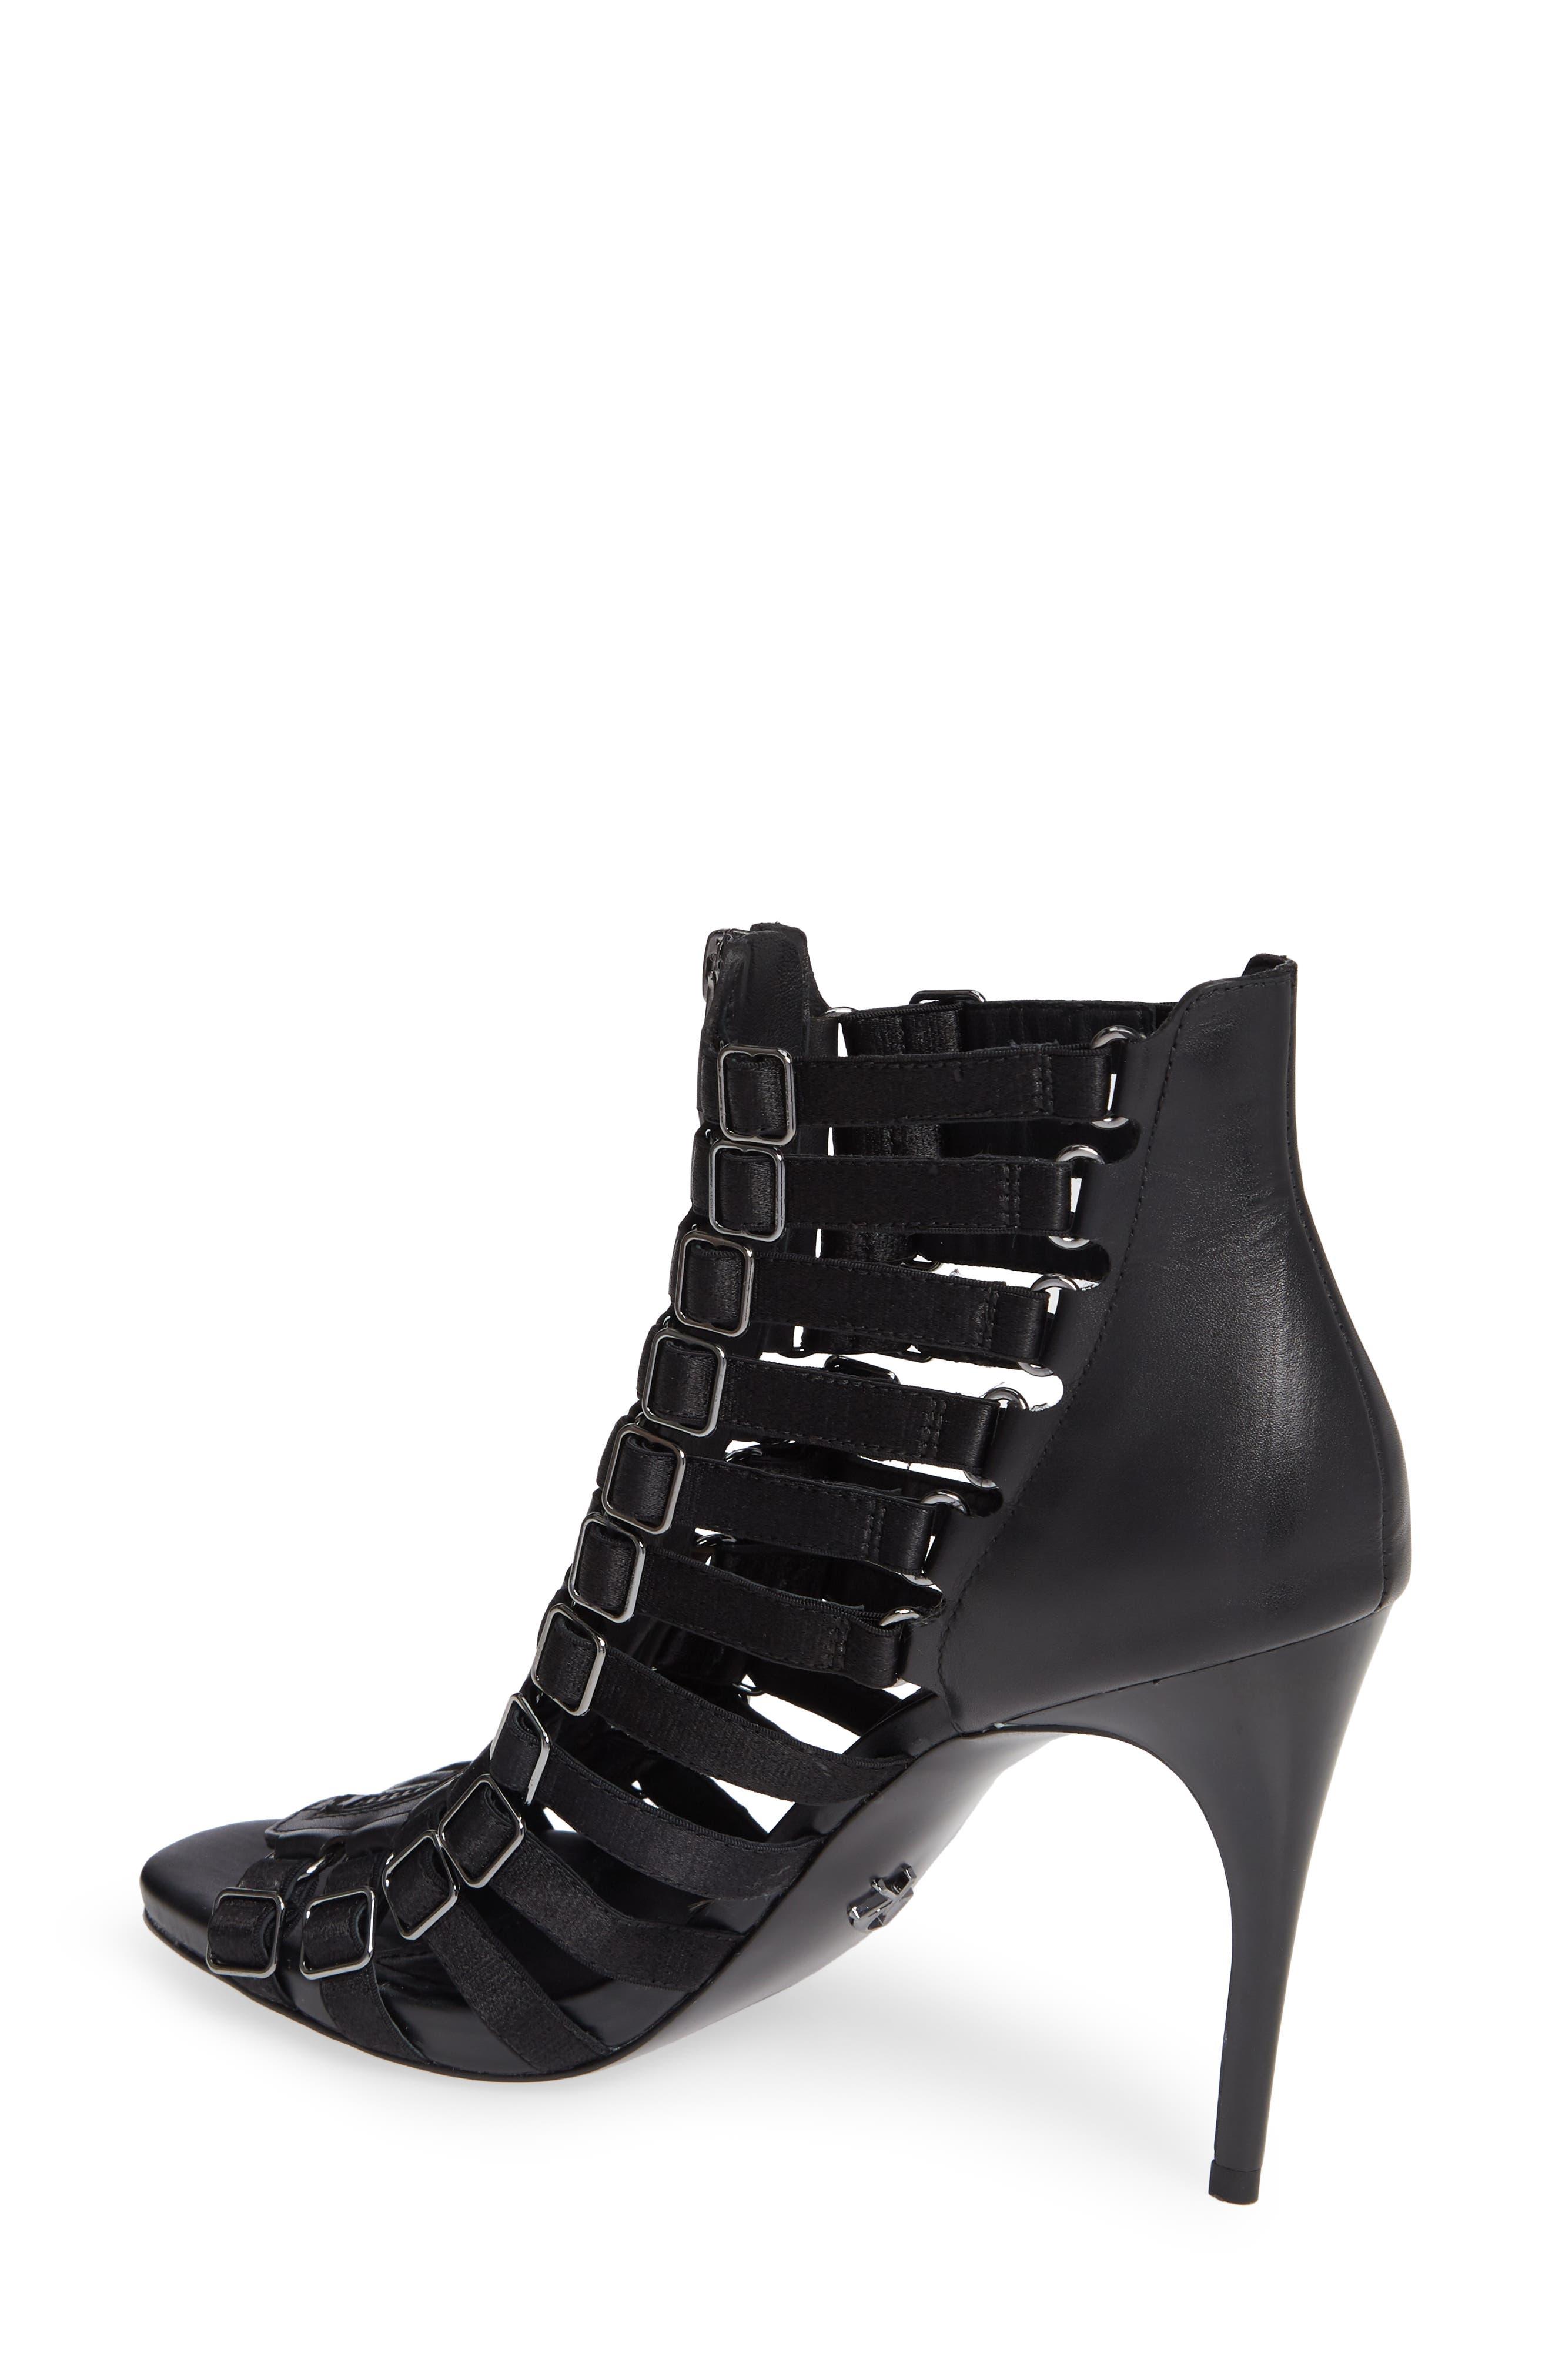 Donna Karan Kat High Sandal,                             Alternate thumbnail 2, color,                             BLACK CALF/ SATIN